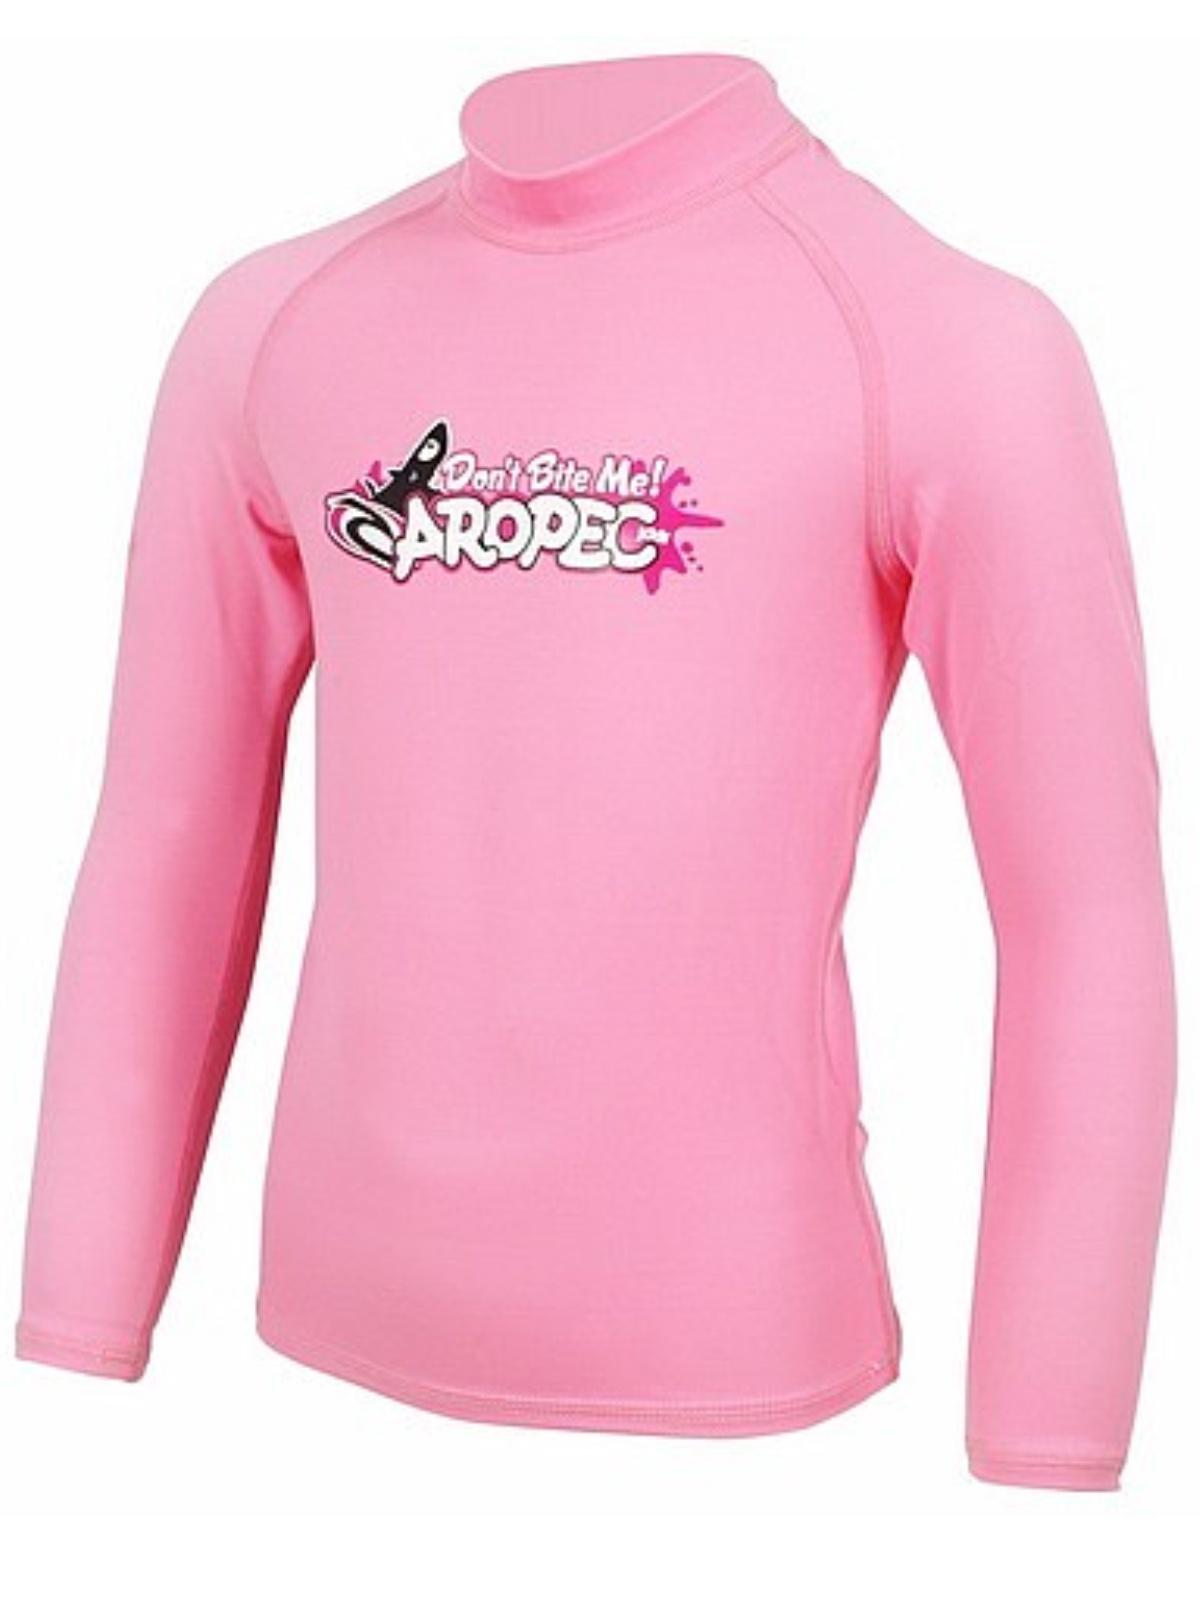 Lycrové triko AROPEC Marvel Kid dětské růžové - vel. 2